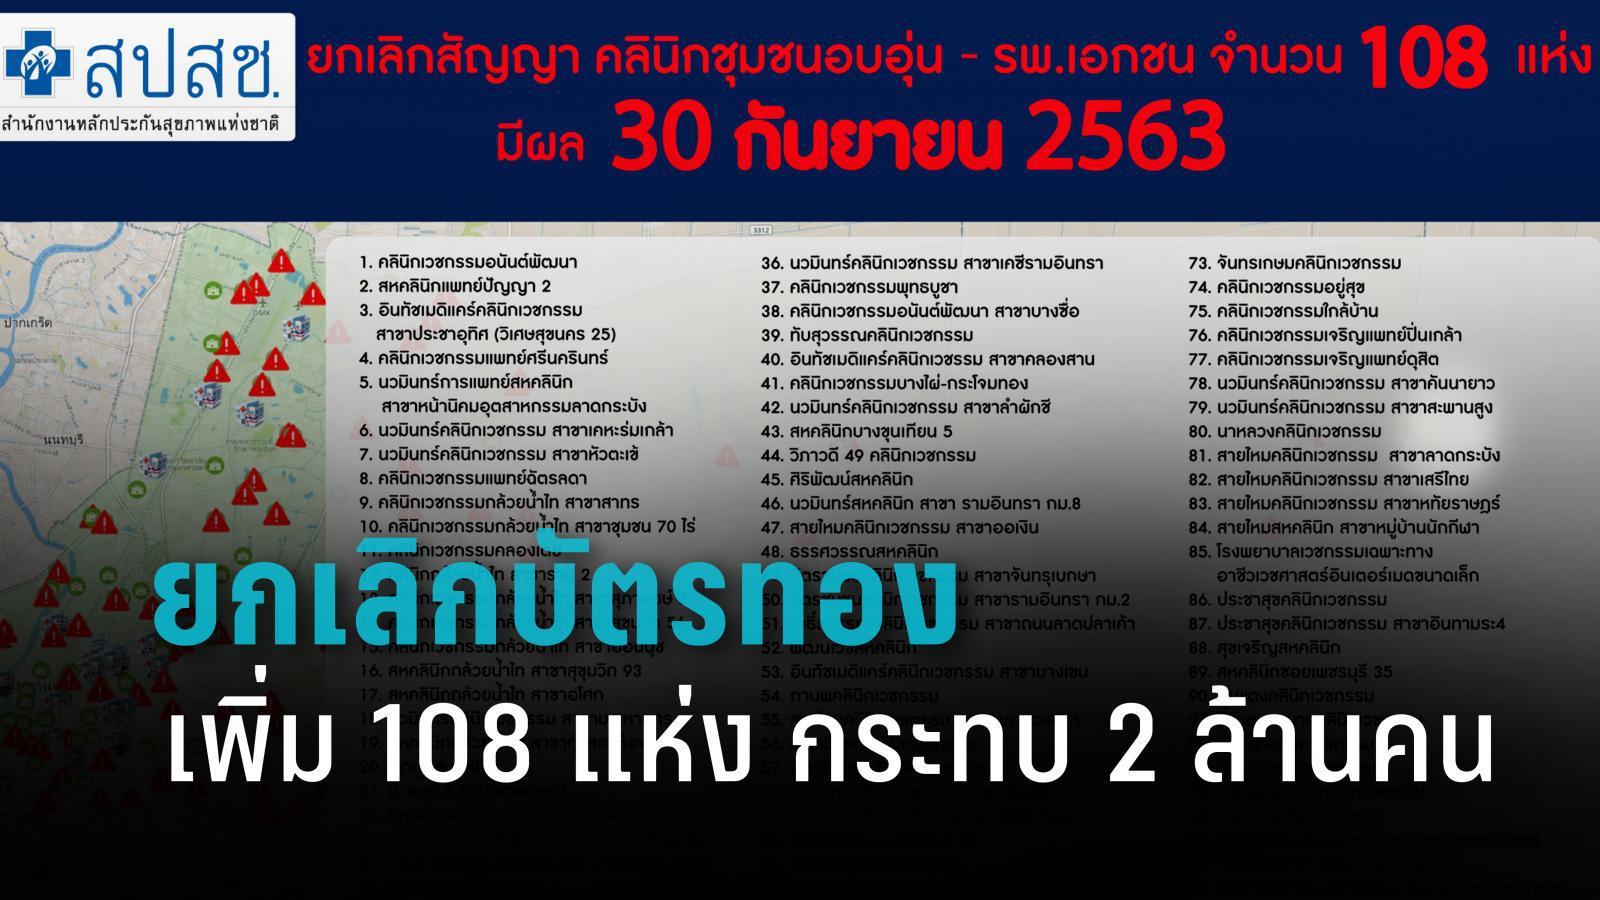 สปสช. สั่ง ยกเลิกบัตรทองคลีนิก-รพ.เพิ่ม 108 แห่ง กระทบผู้ใช้สิทธิกว่า 2 ล้านคน มีผล 1 ต.ค. นี้